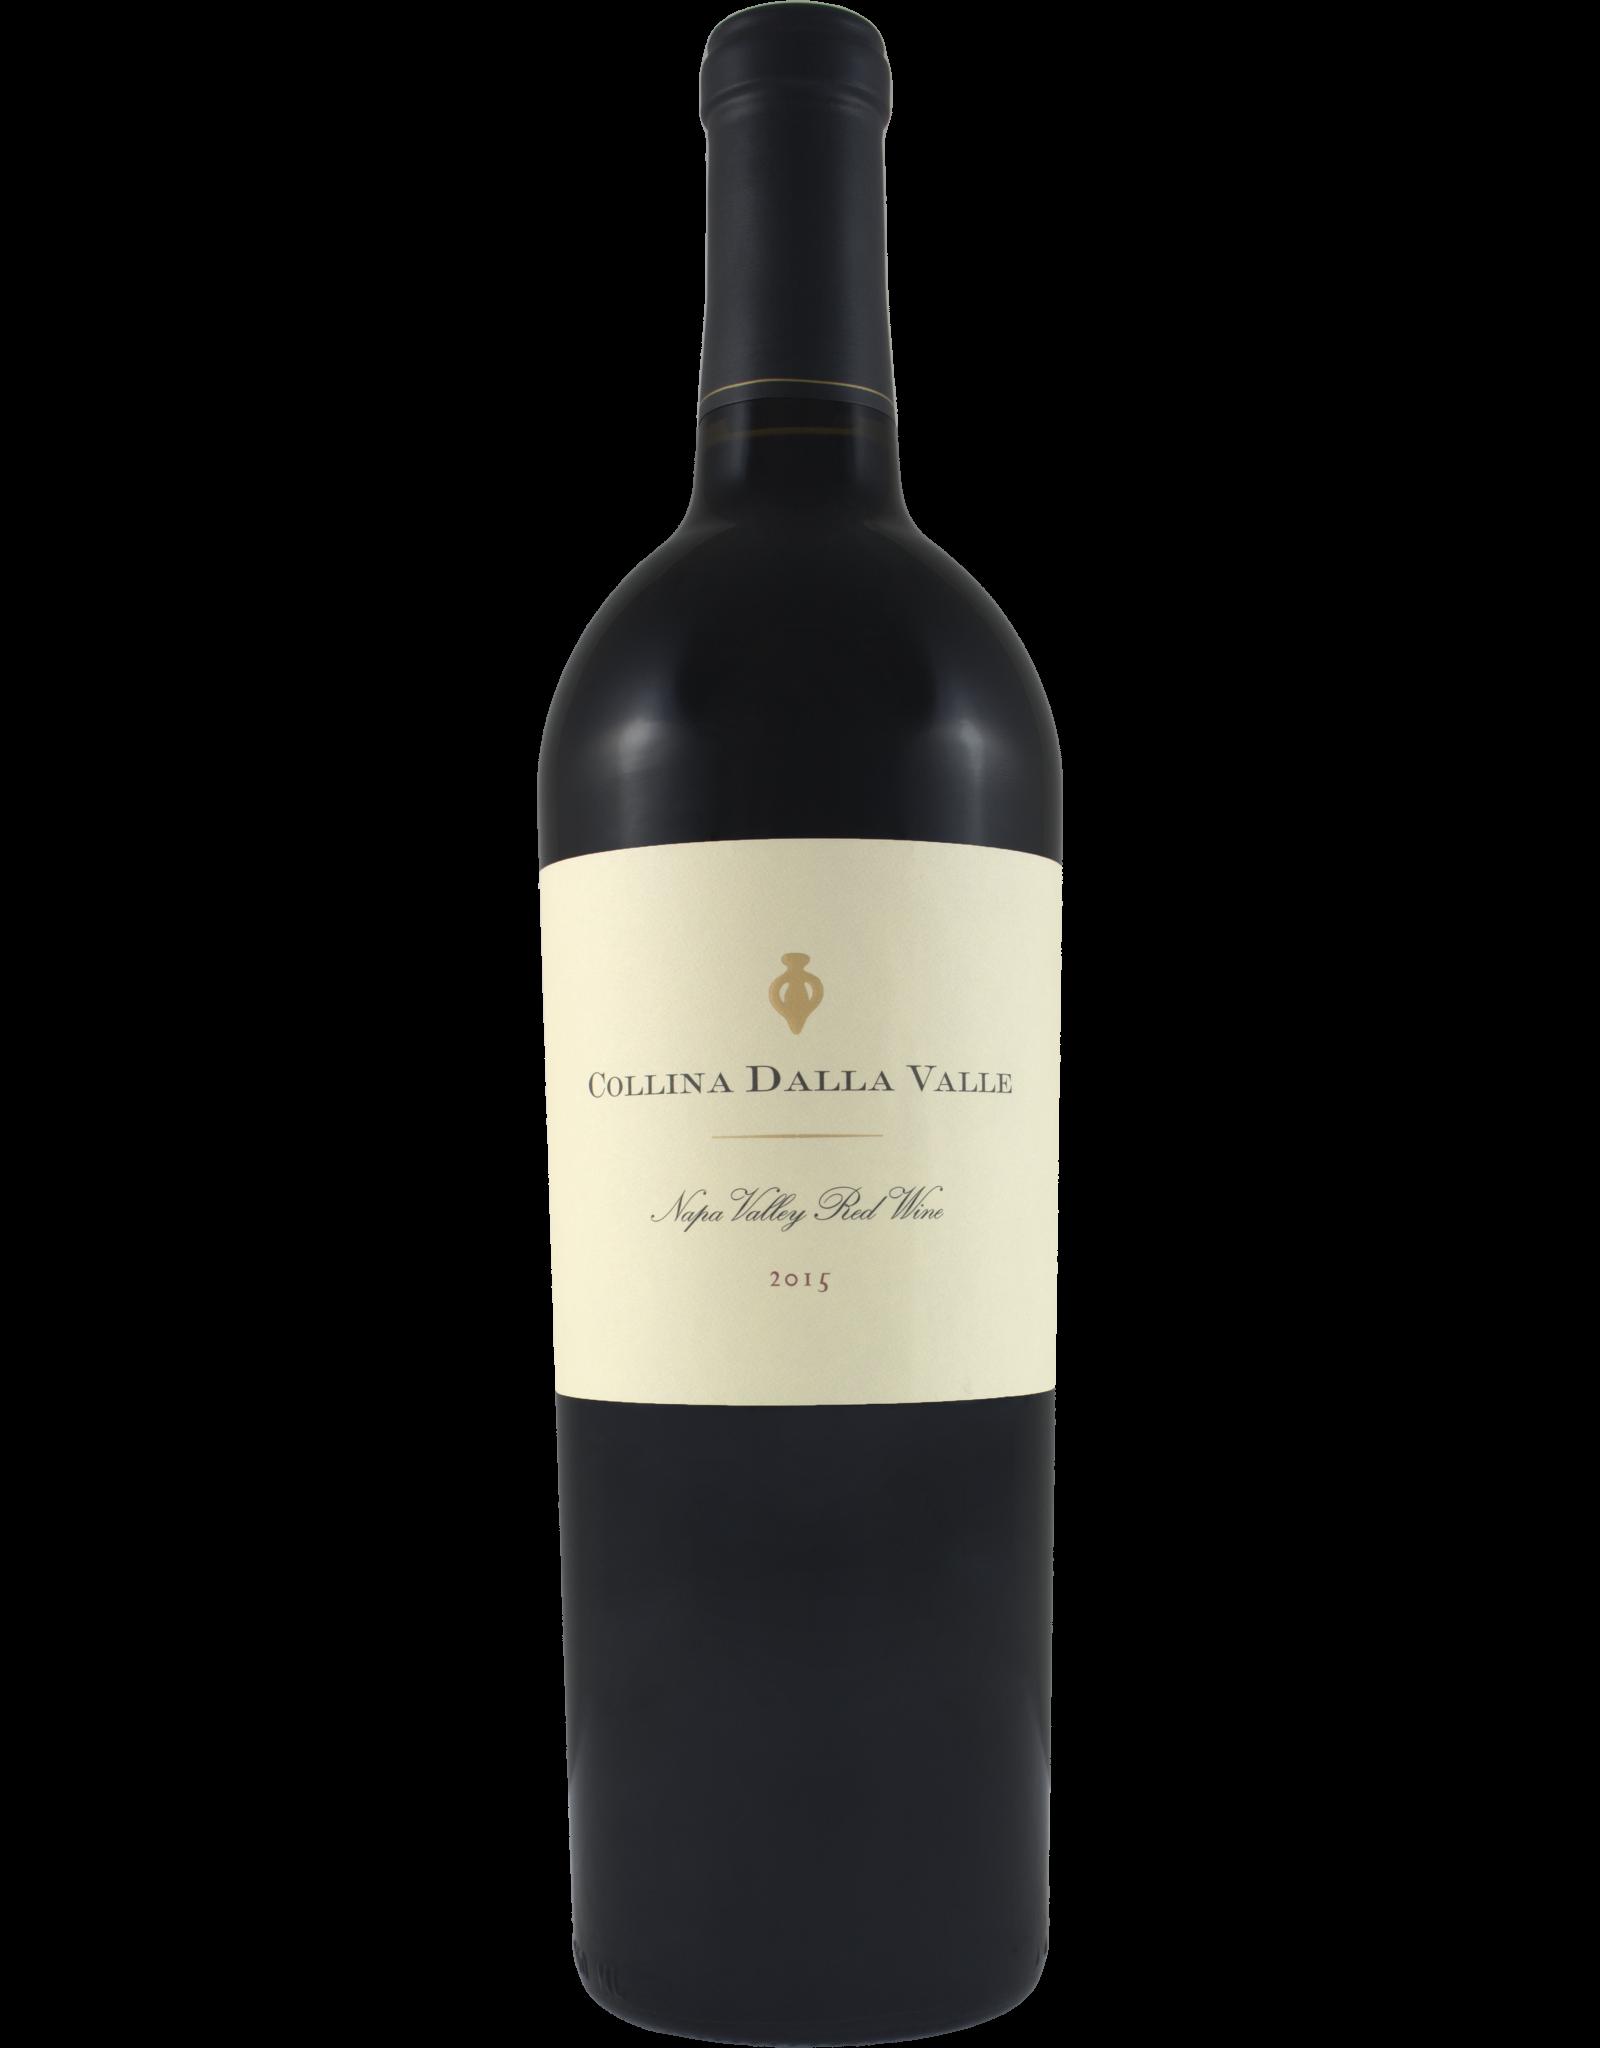 Collina Dalla Valle Napa Valley Red Wine 2015